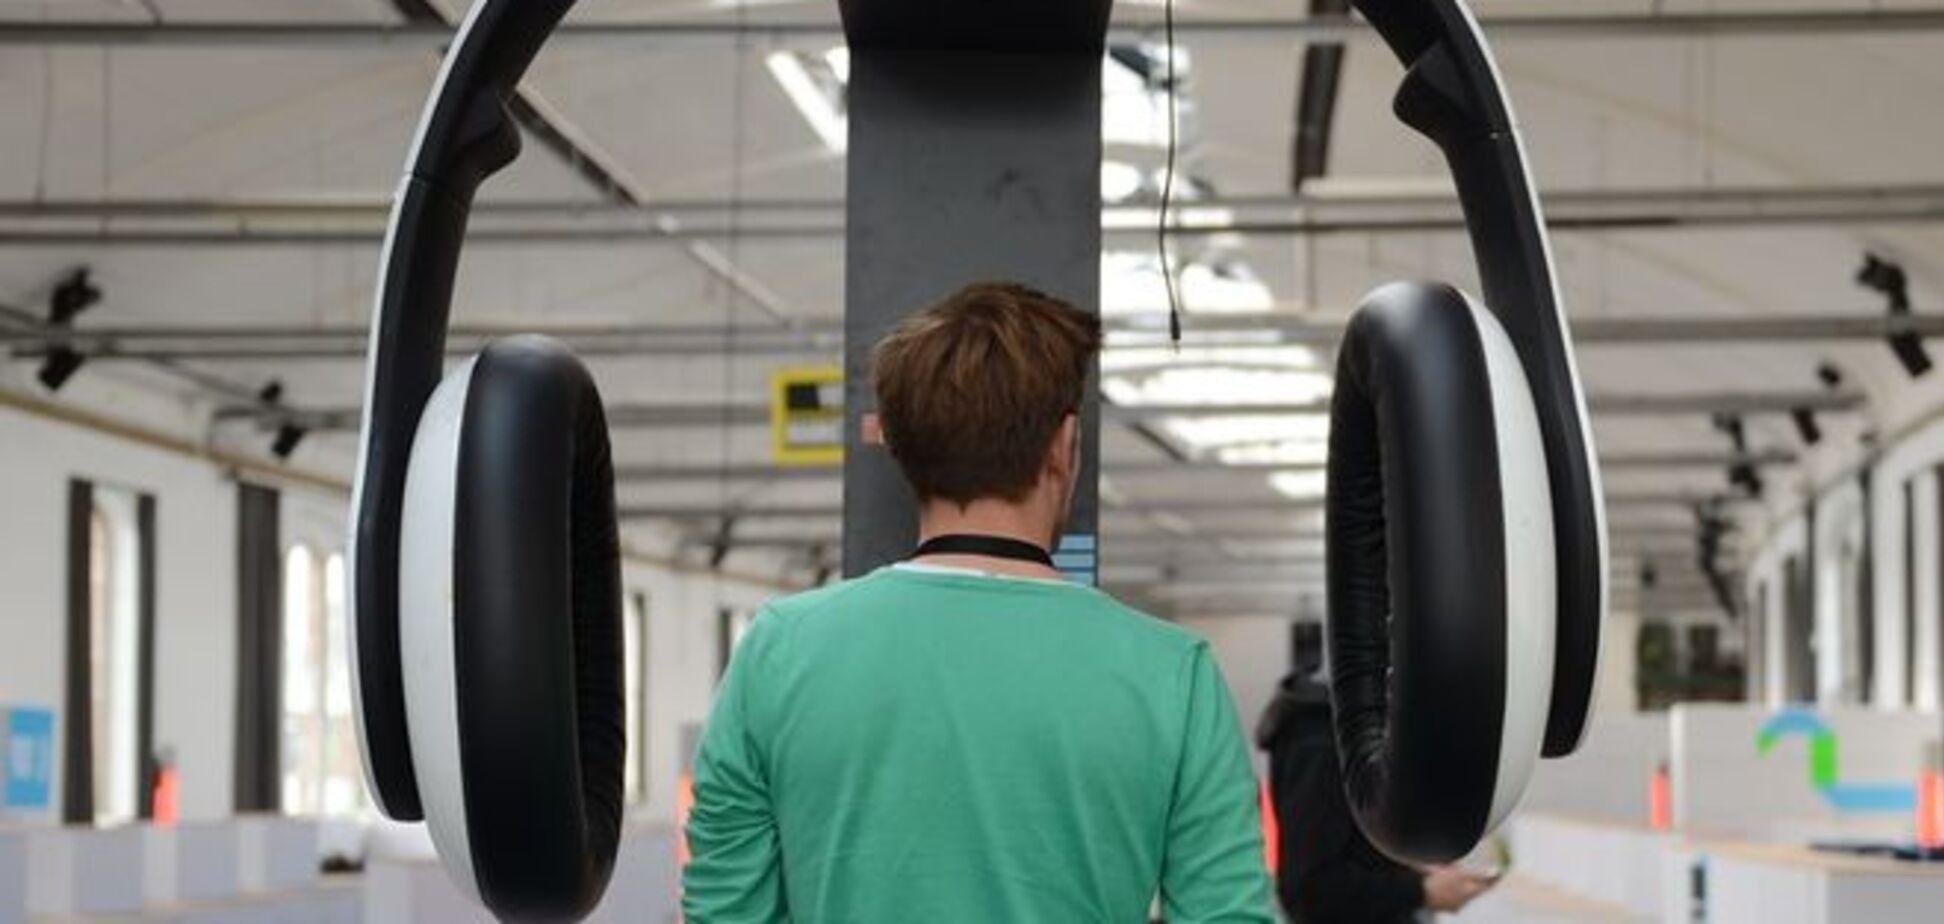 Понад мільярду людей загрожує втрата слуху через гучну музику